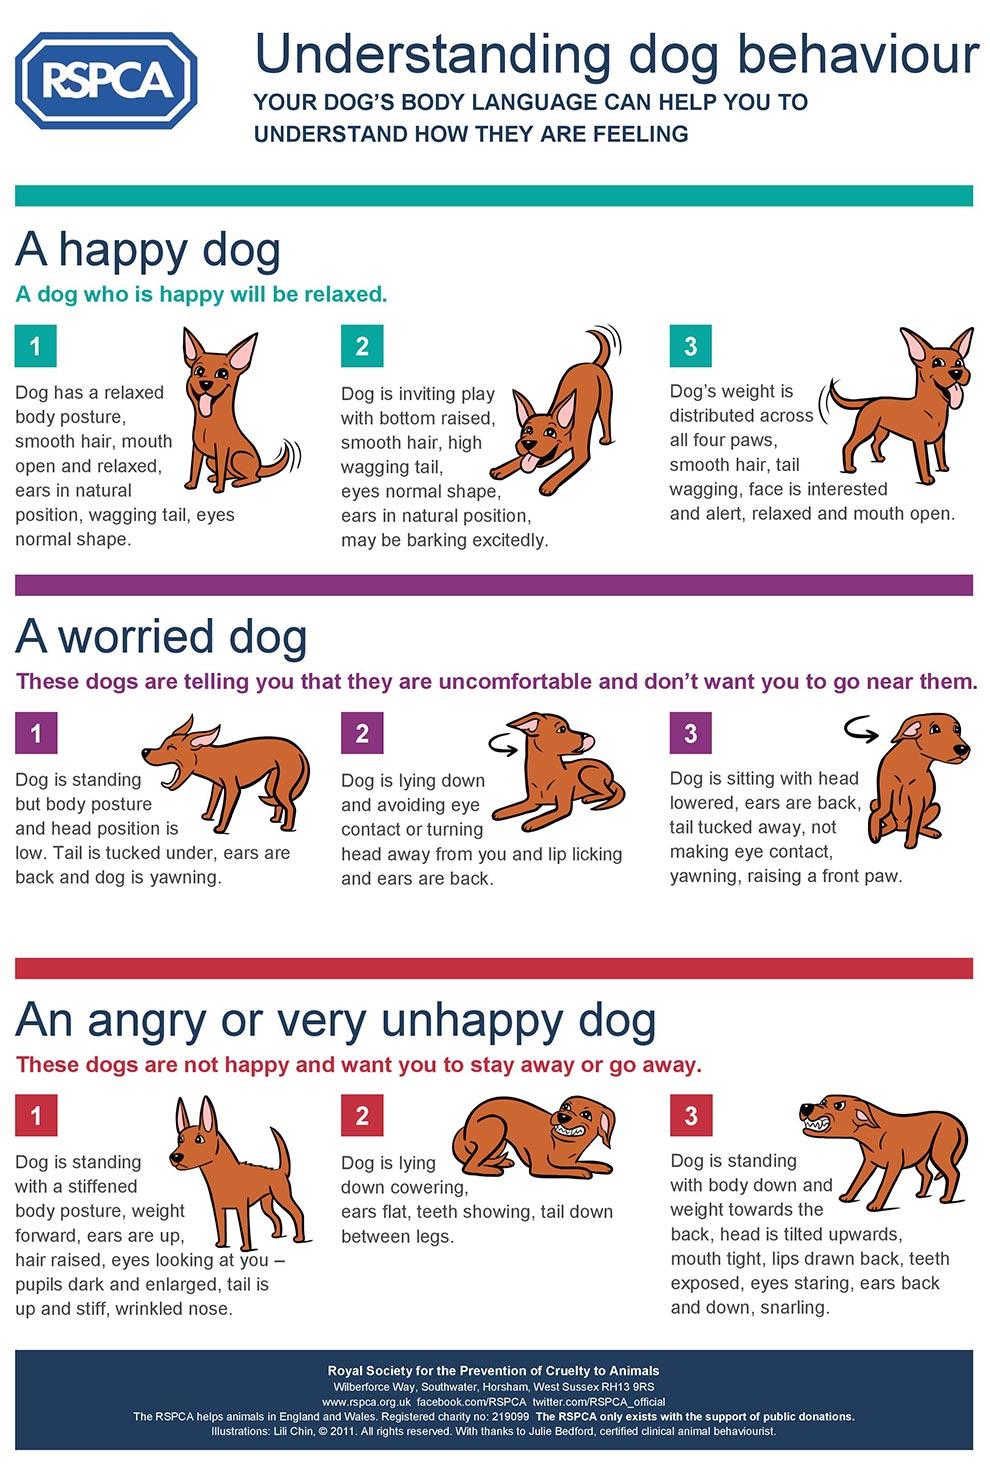 RSPCA Understanding Dog Behaviour